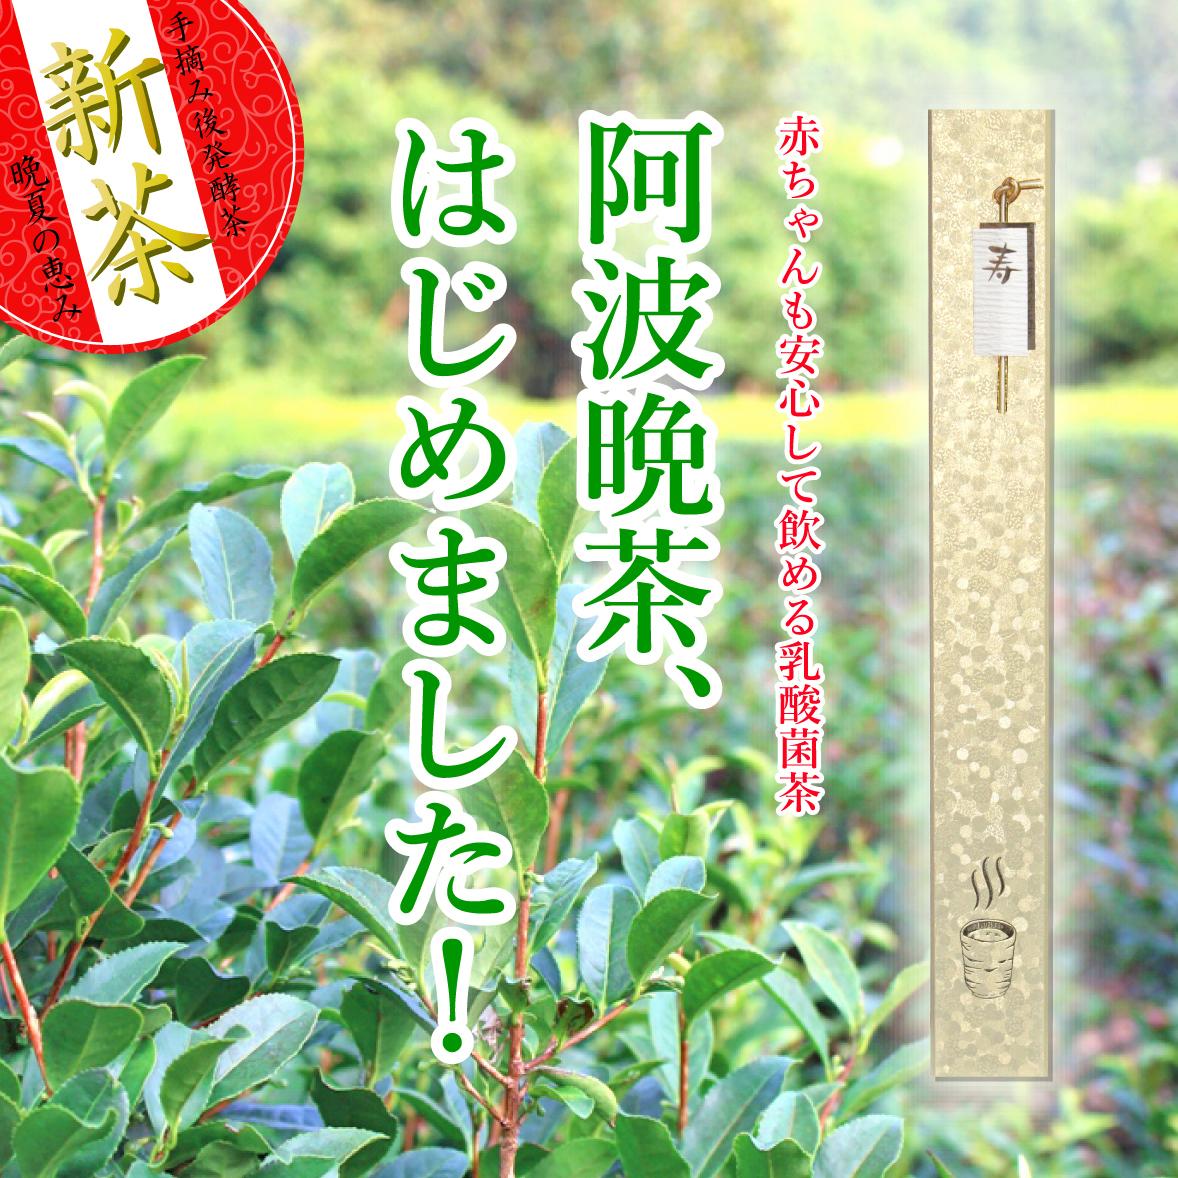 """お乳""""アガリ""""に阿波晩茶 ,,,,,((((*゚▽゚)o旦~~ バンチャデッセー♪"""